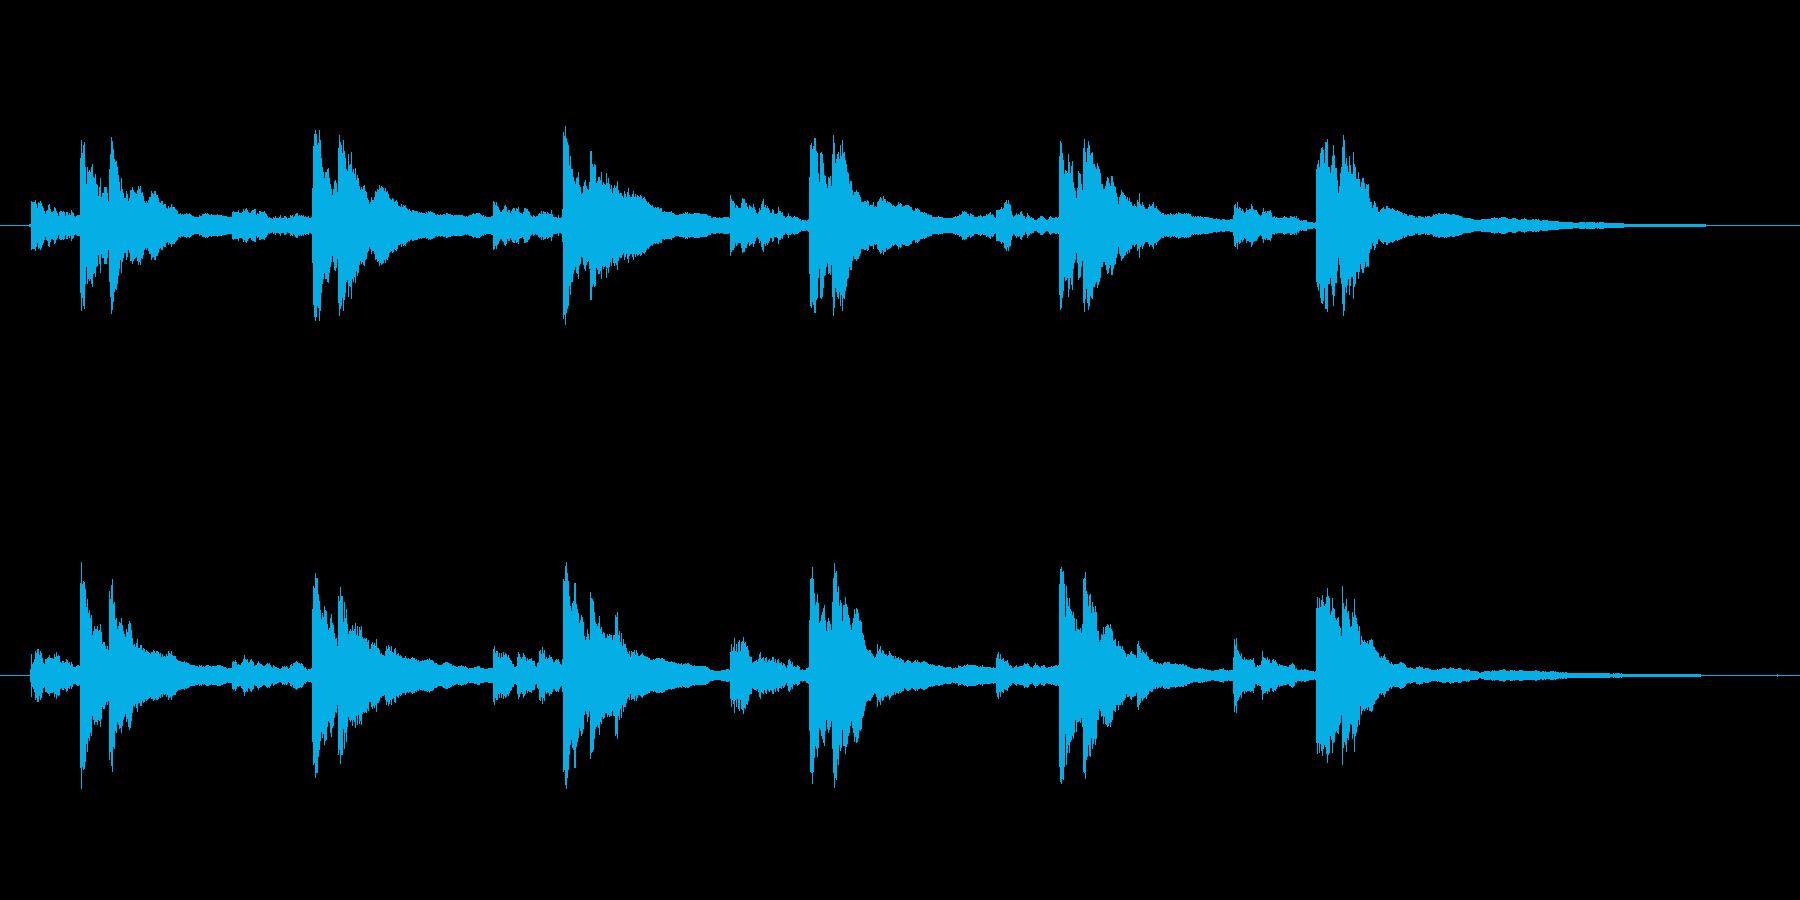 鐘の音の再生済みの波形